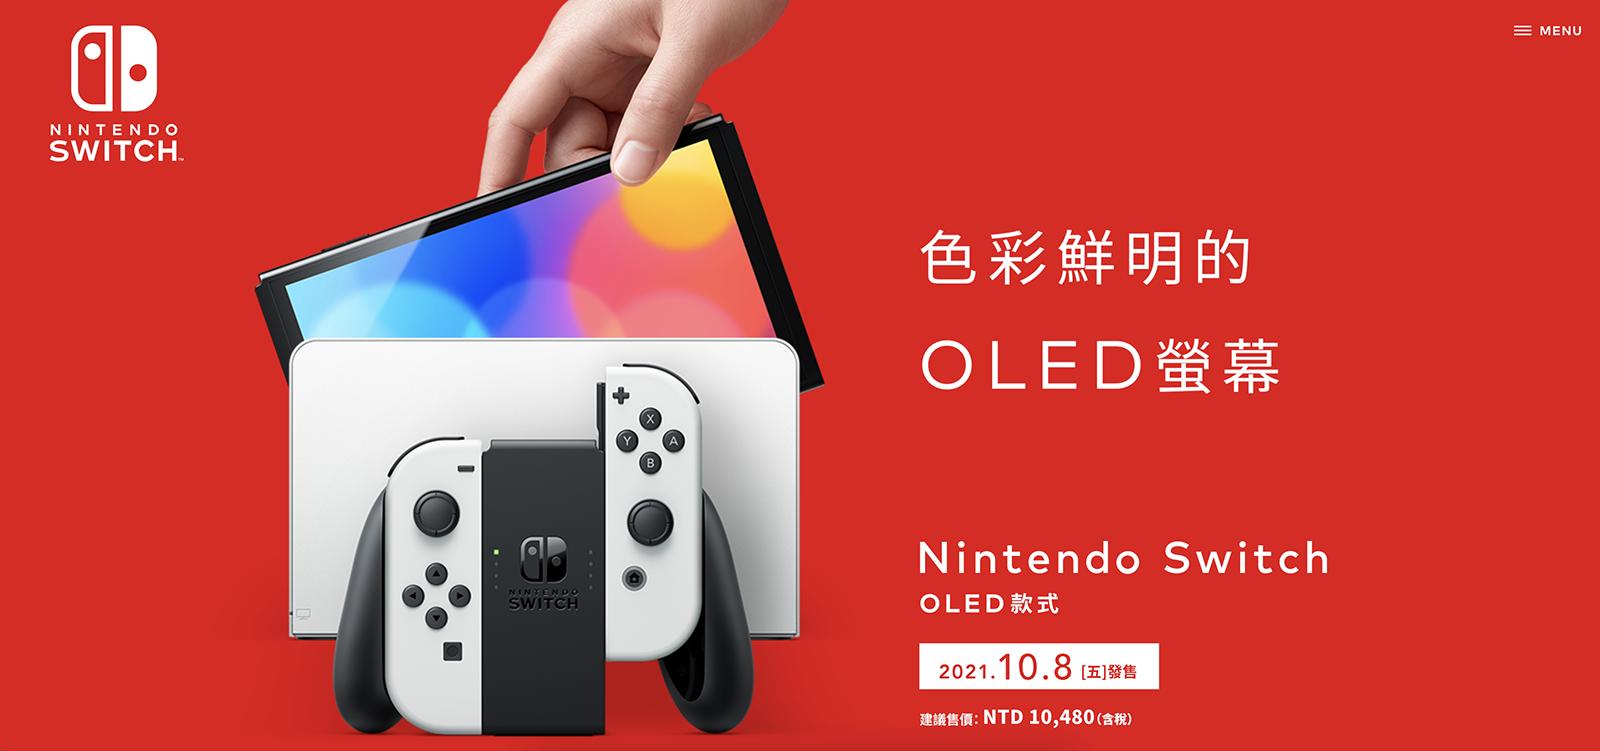 Nintendo Switch OLED TW